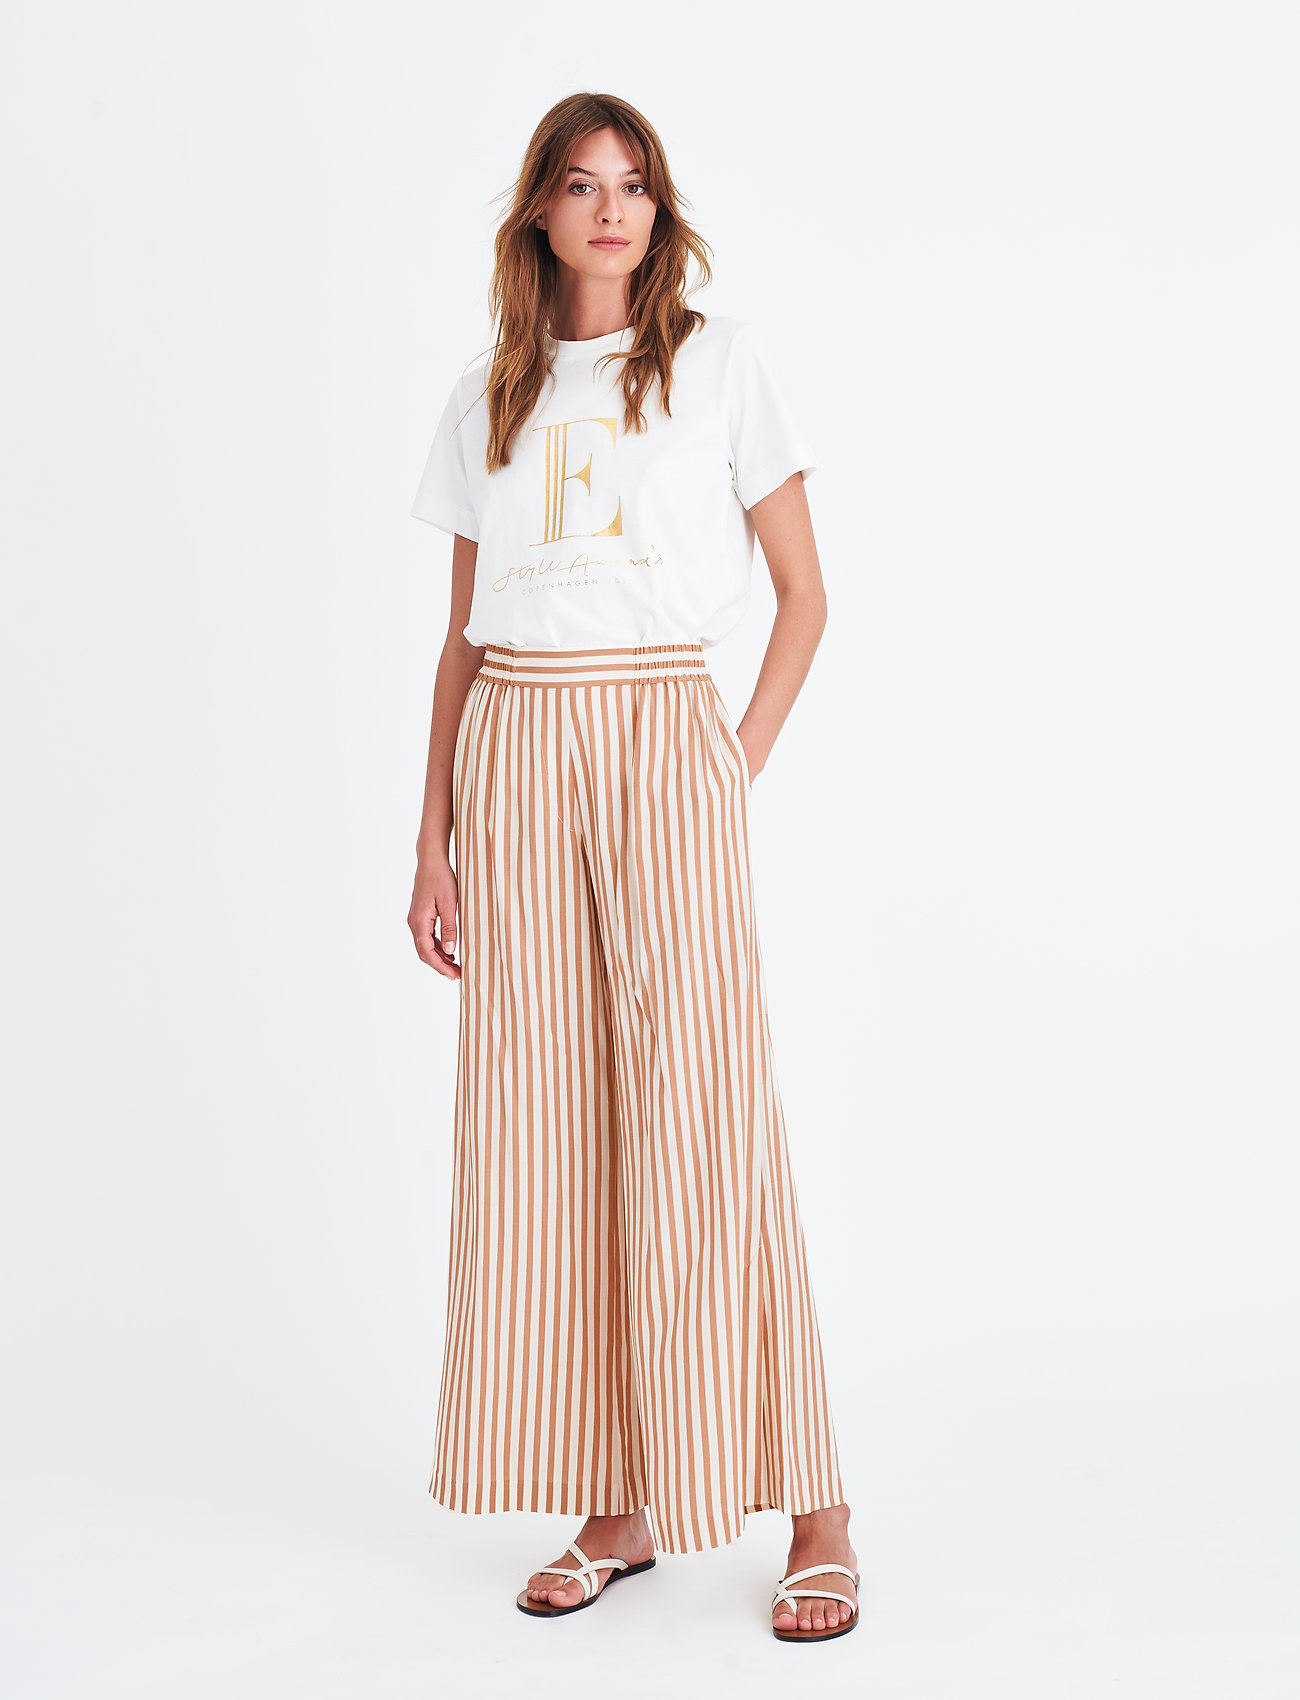 Paris Style Collection 2019 PantnougatElle Awards 4L5qc3ARjS